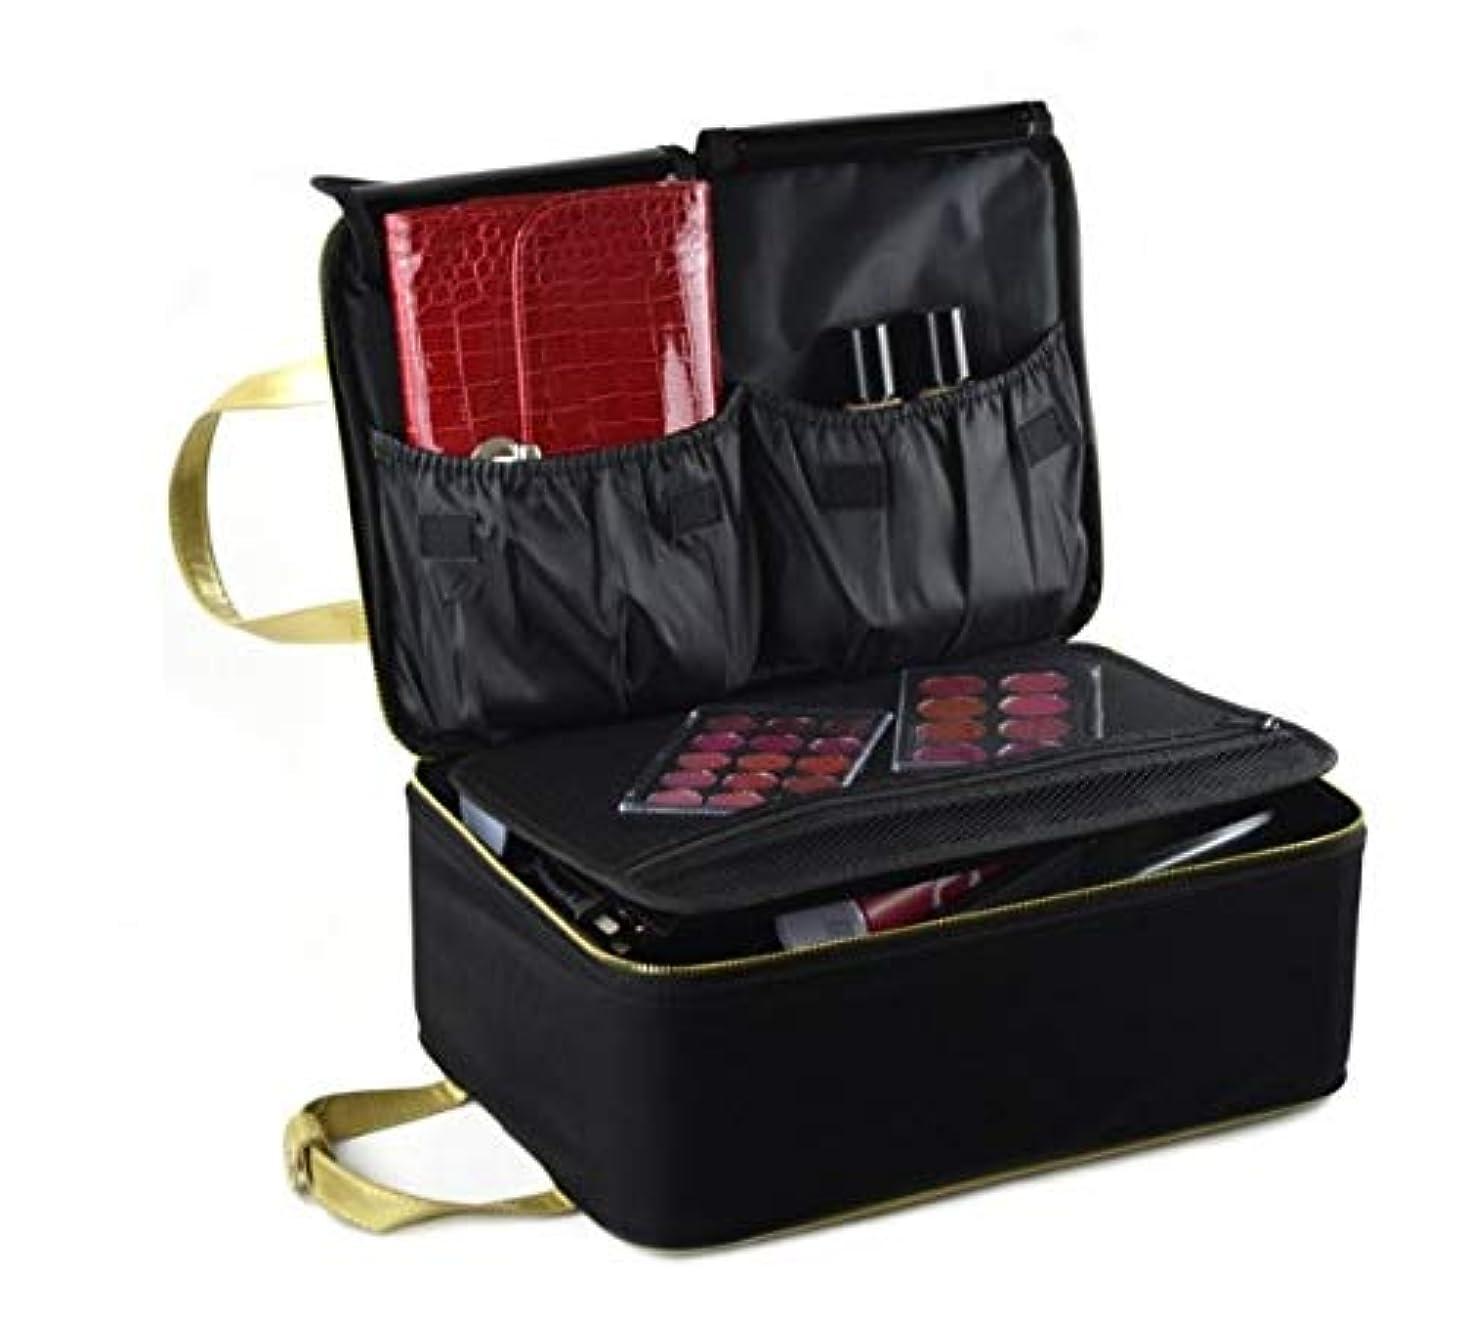 感動する肥料レプリカ化粧箱、黒い携帯用化粧品の箱、携帯用旅行化粧品の箱、美の釘の宝石類の収納箱 (Size : S)